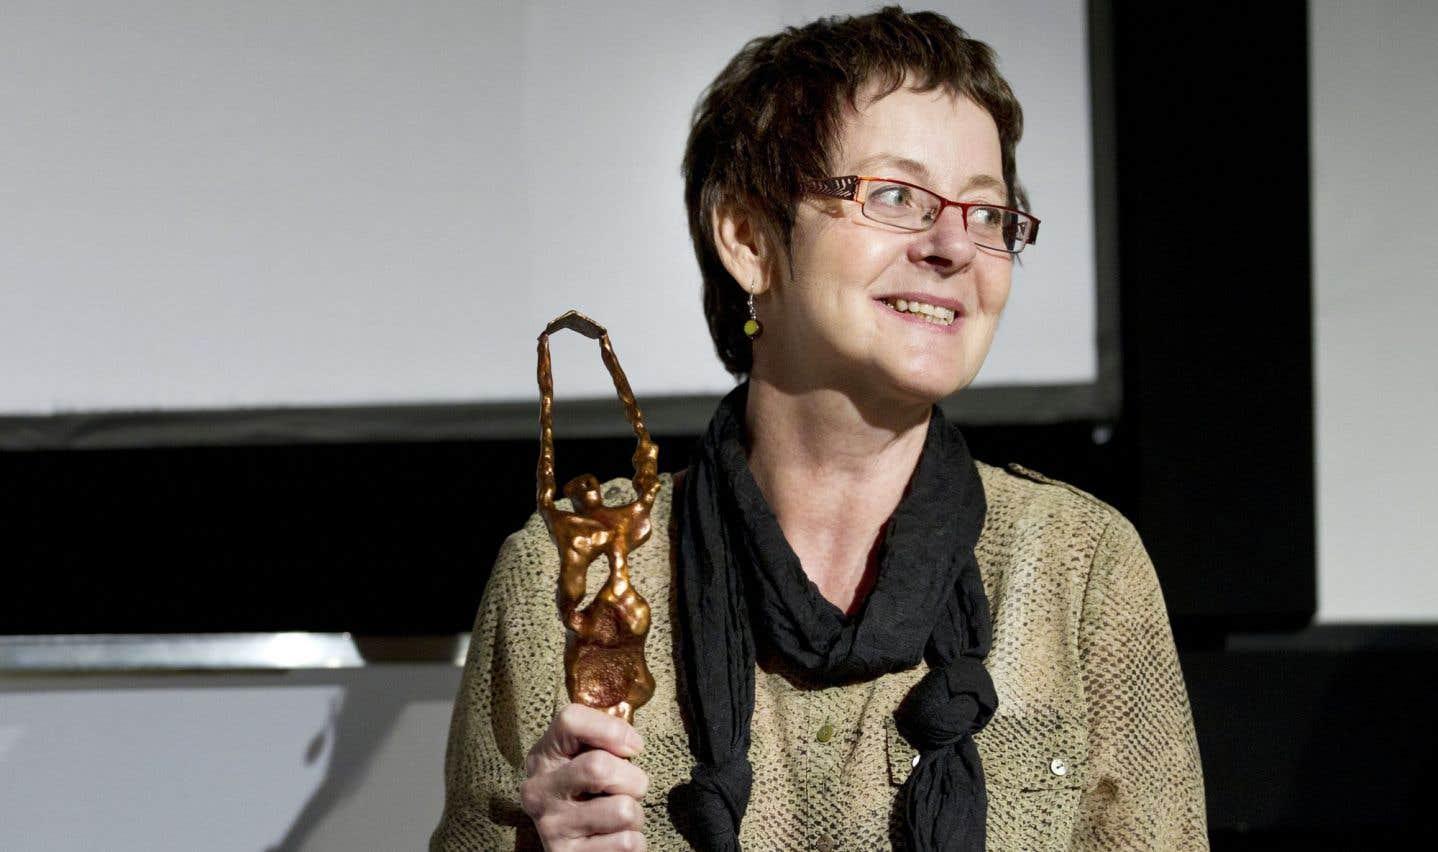 L'auteure Jocelyne Saucier, lauréate 2011 du Prix des cinq continents de la Francophonie pour son livre Il pleuvait des oiseaux, publié aux éditions XYZ